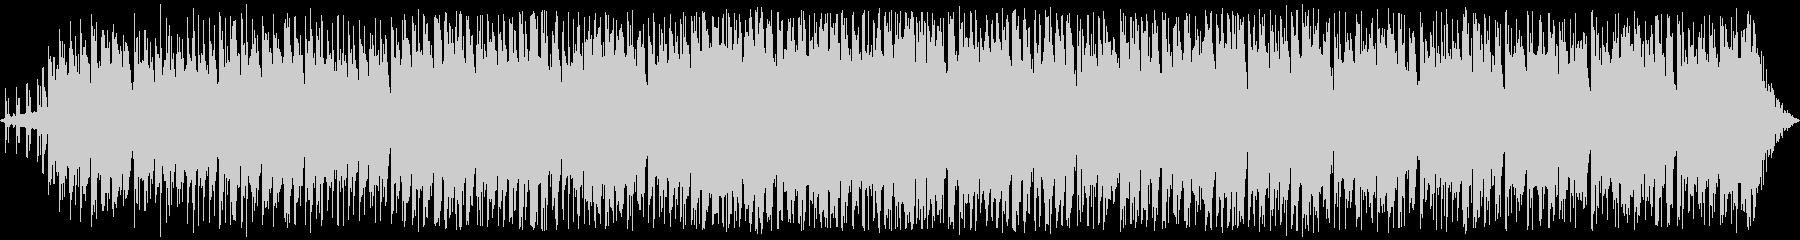 かわいい感じのエレクトロポップス別verの未再生の波形